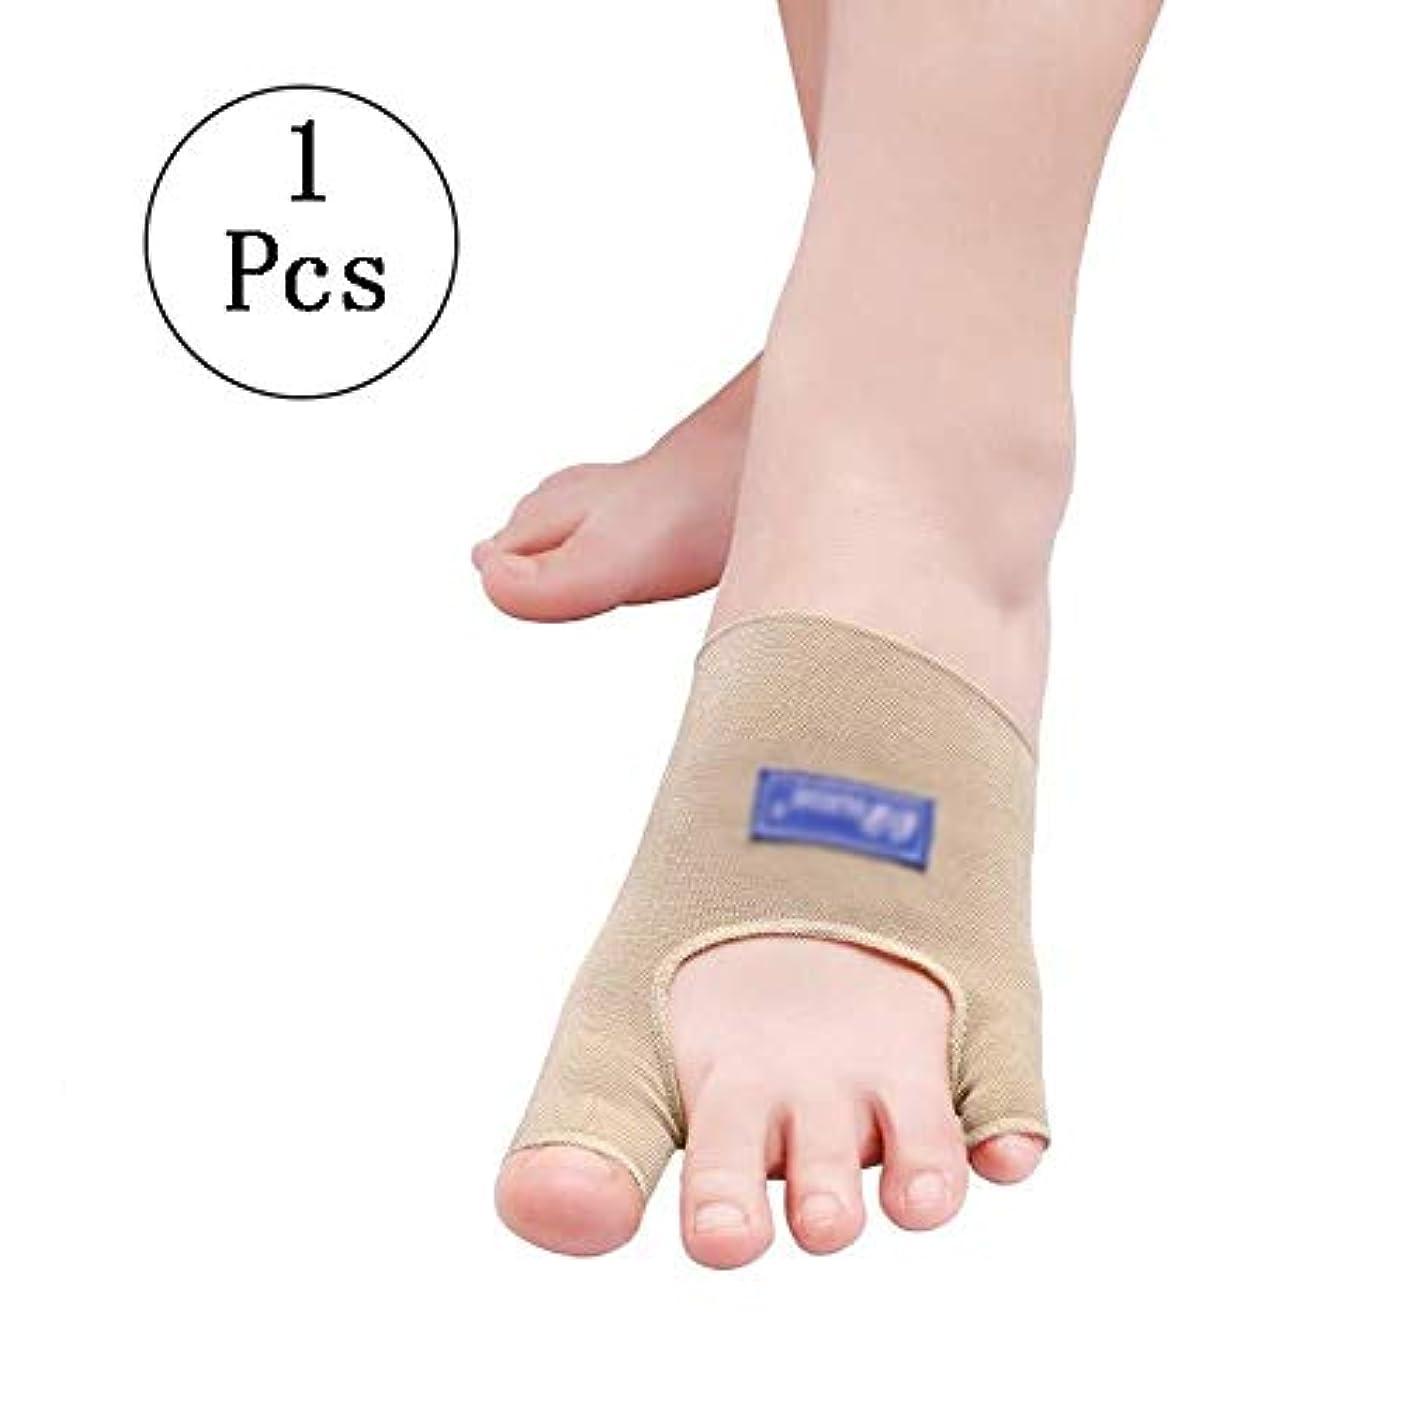 顕著も旅行代理店GRX-DDYつま先つま先外反スプレッダー大きな足骨装具包帯快適な通気性の高い弾力性は、つま先の痛みの痛みを和らげます,RightFoot